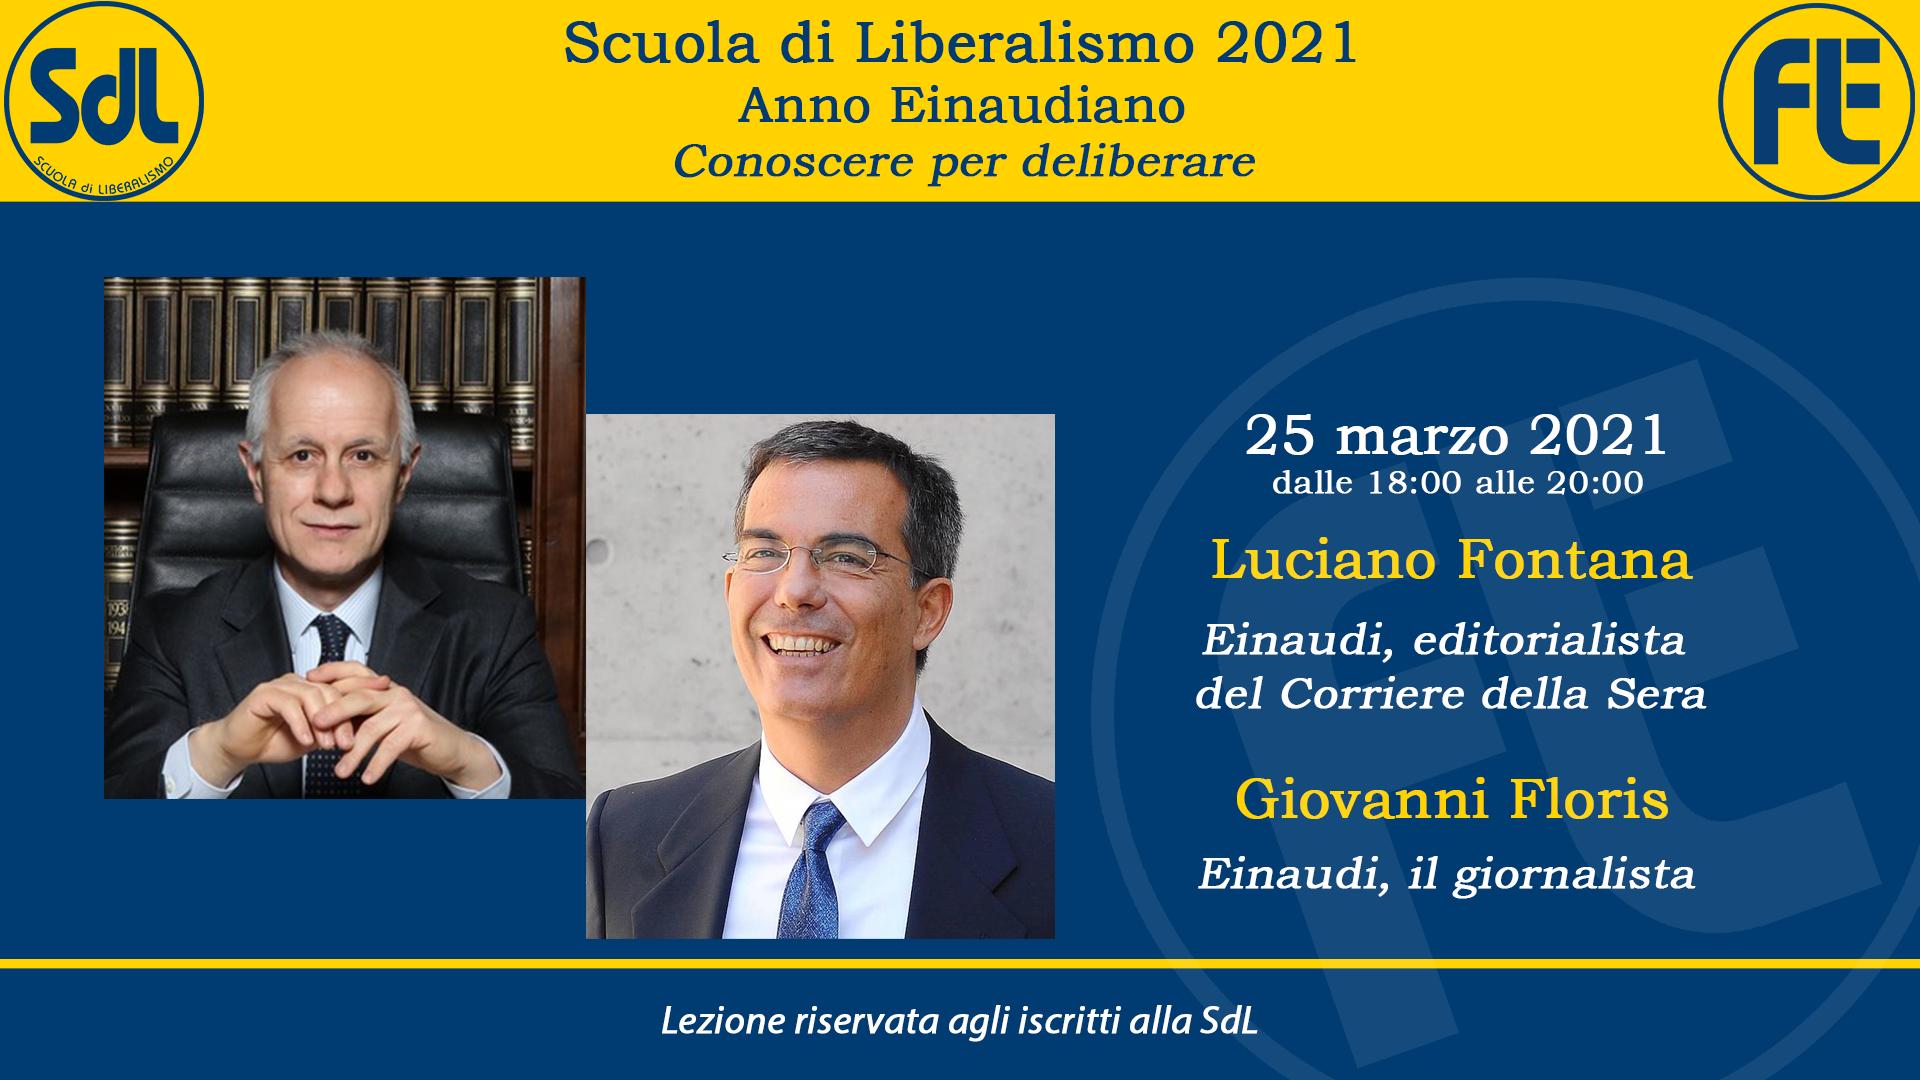 Scuola di Liberalismo 2021: 25 marzo lezione di Luciano Fontana e Giovanni Floris